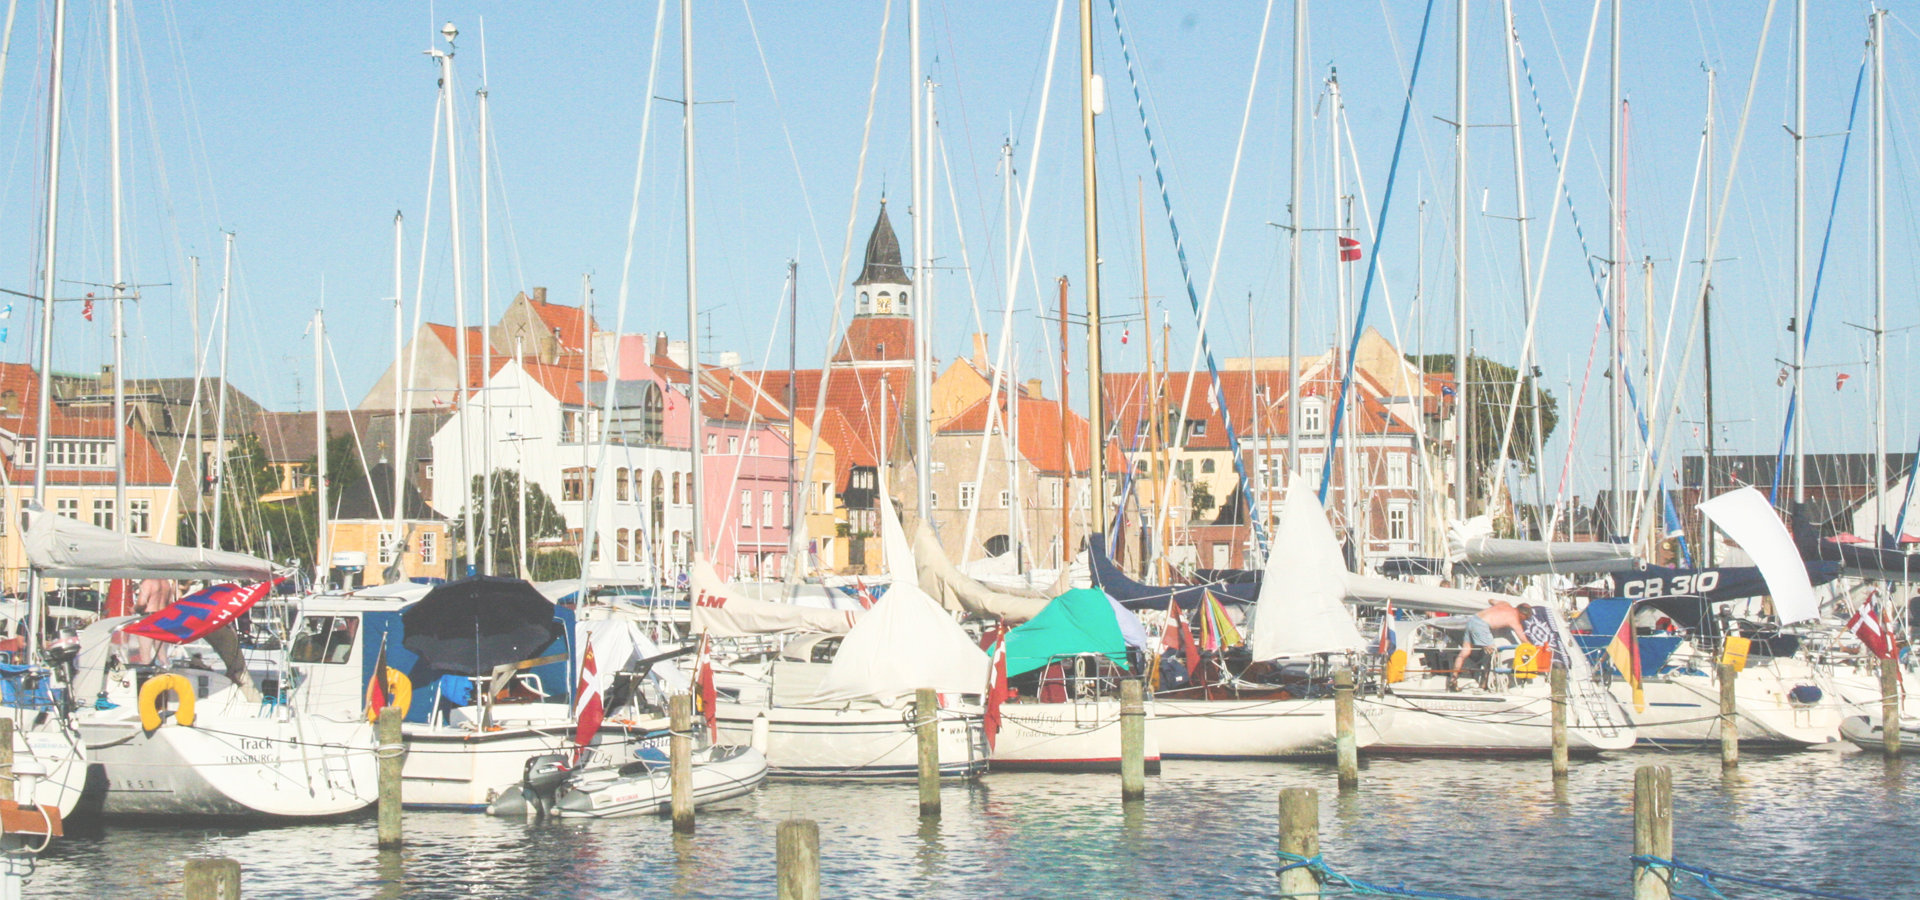 The port of Faaborg in Denmark, Jutland